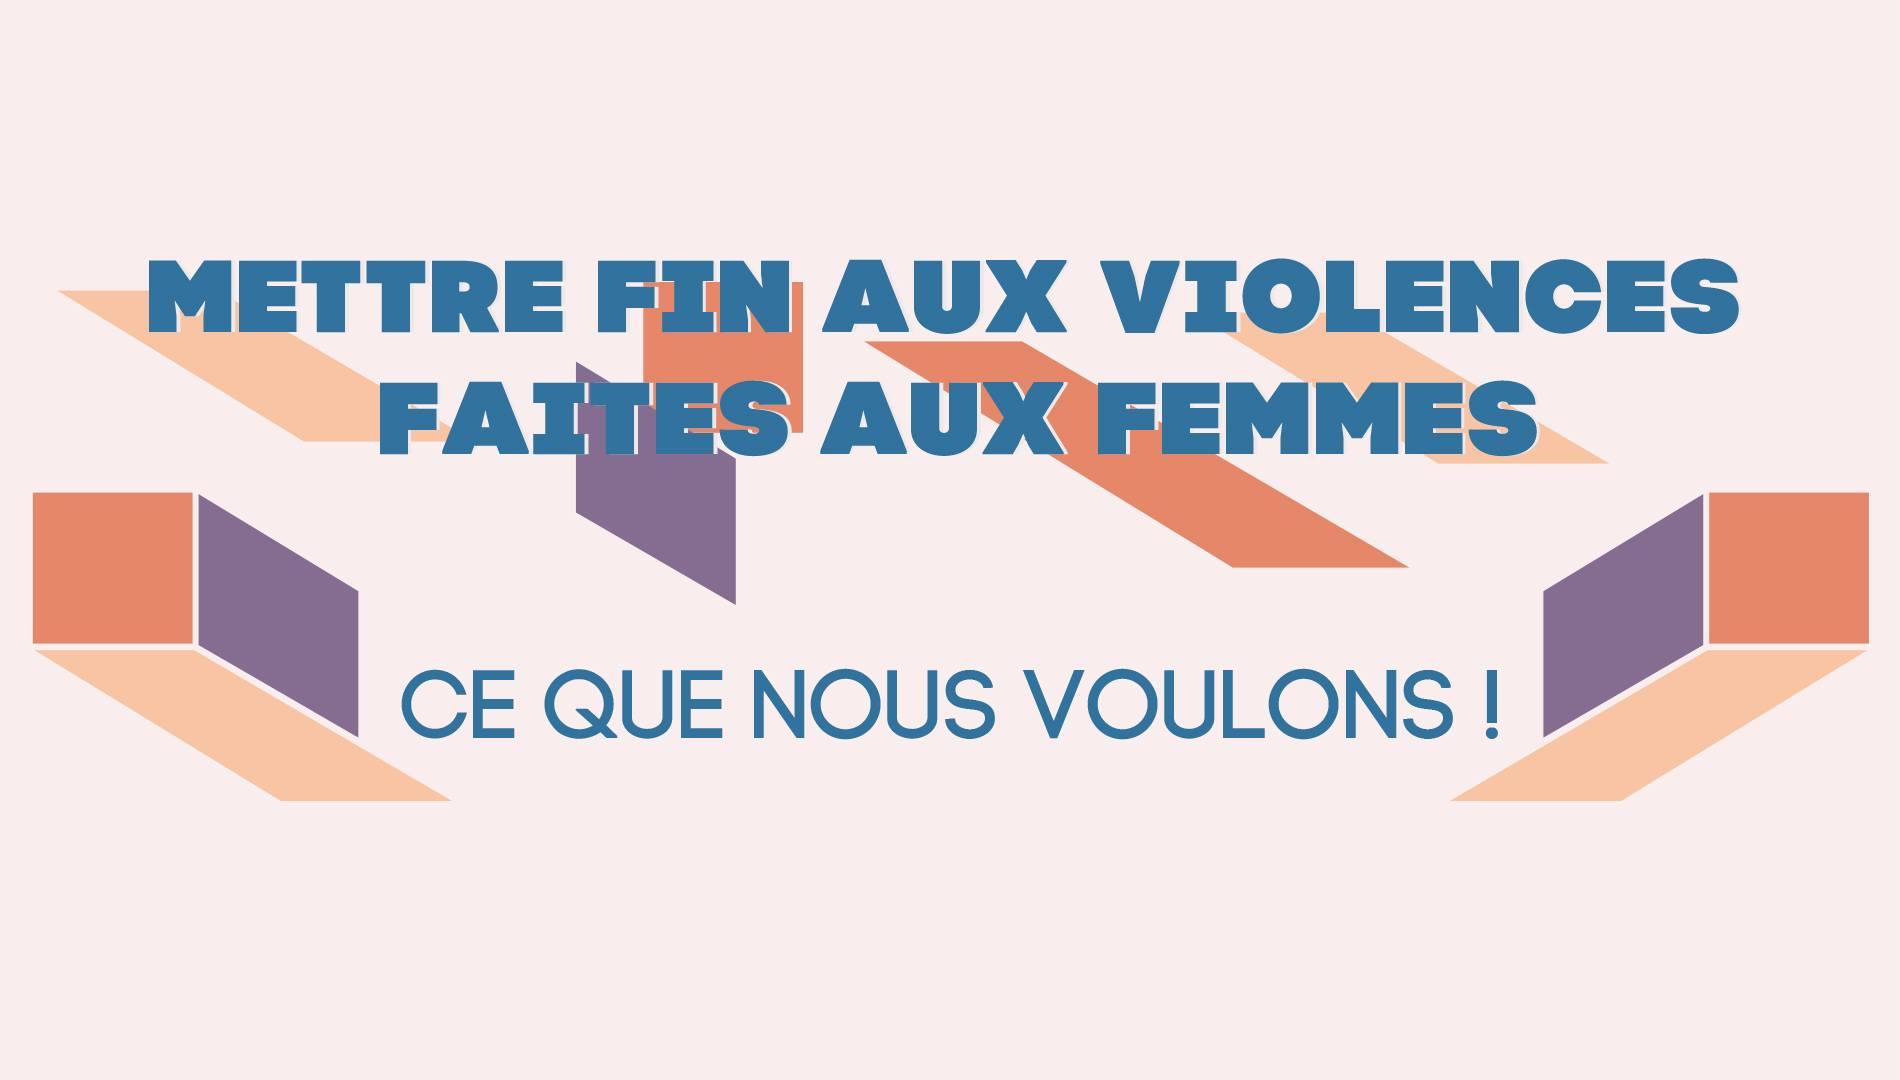 Pour les Francilien-ne-s, demain samedi, deux actions contre les violences faites aux femmes #UniesPourToutes